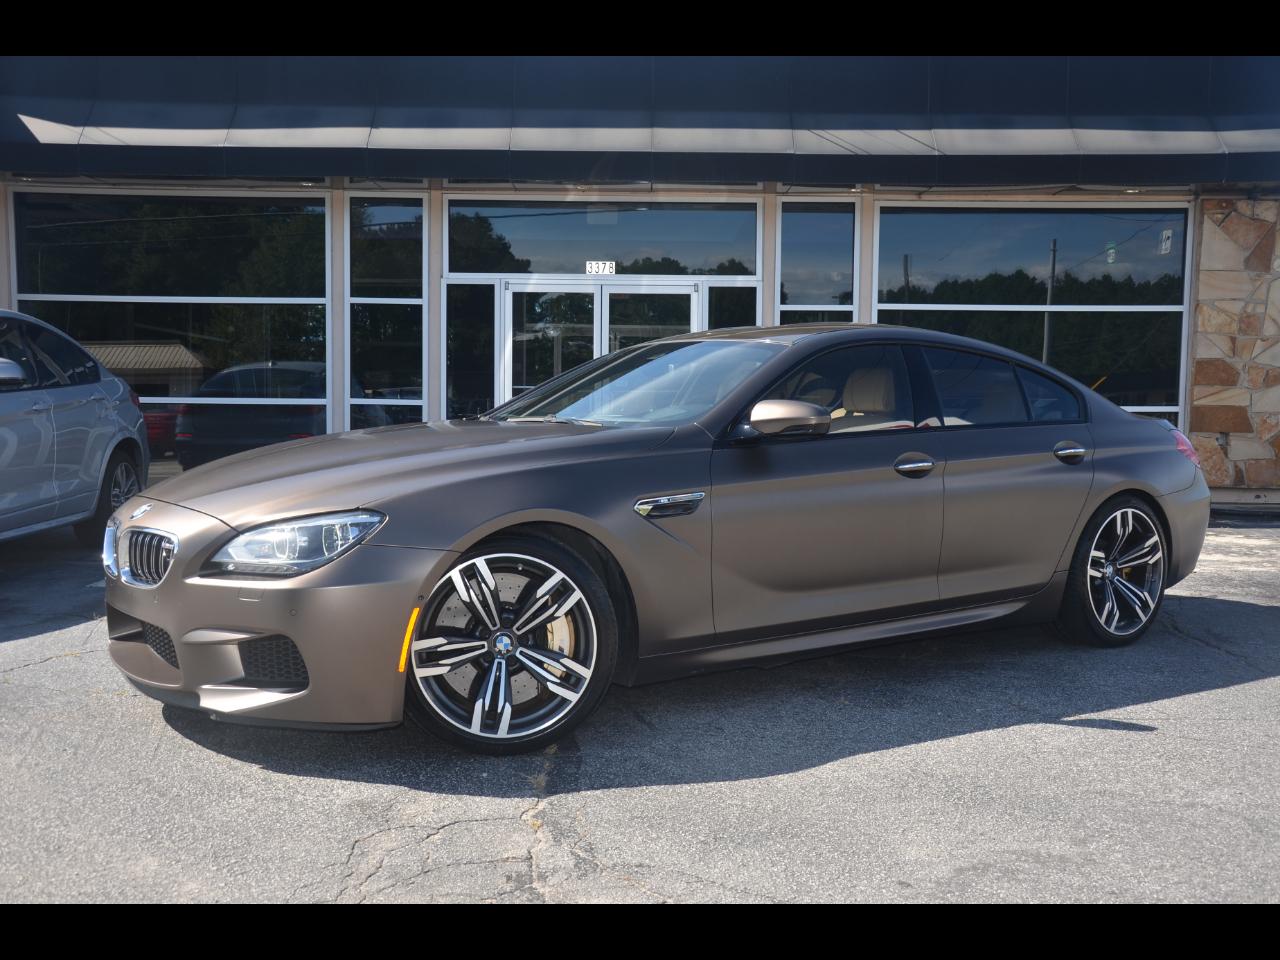 BMW M6 4dr Gran Cpe 2015